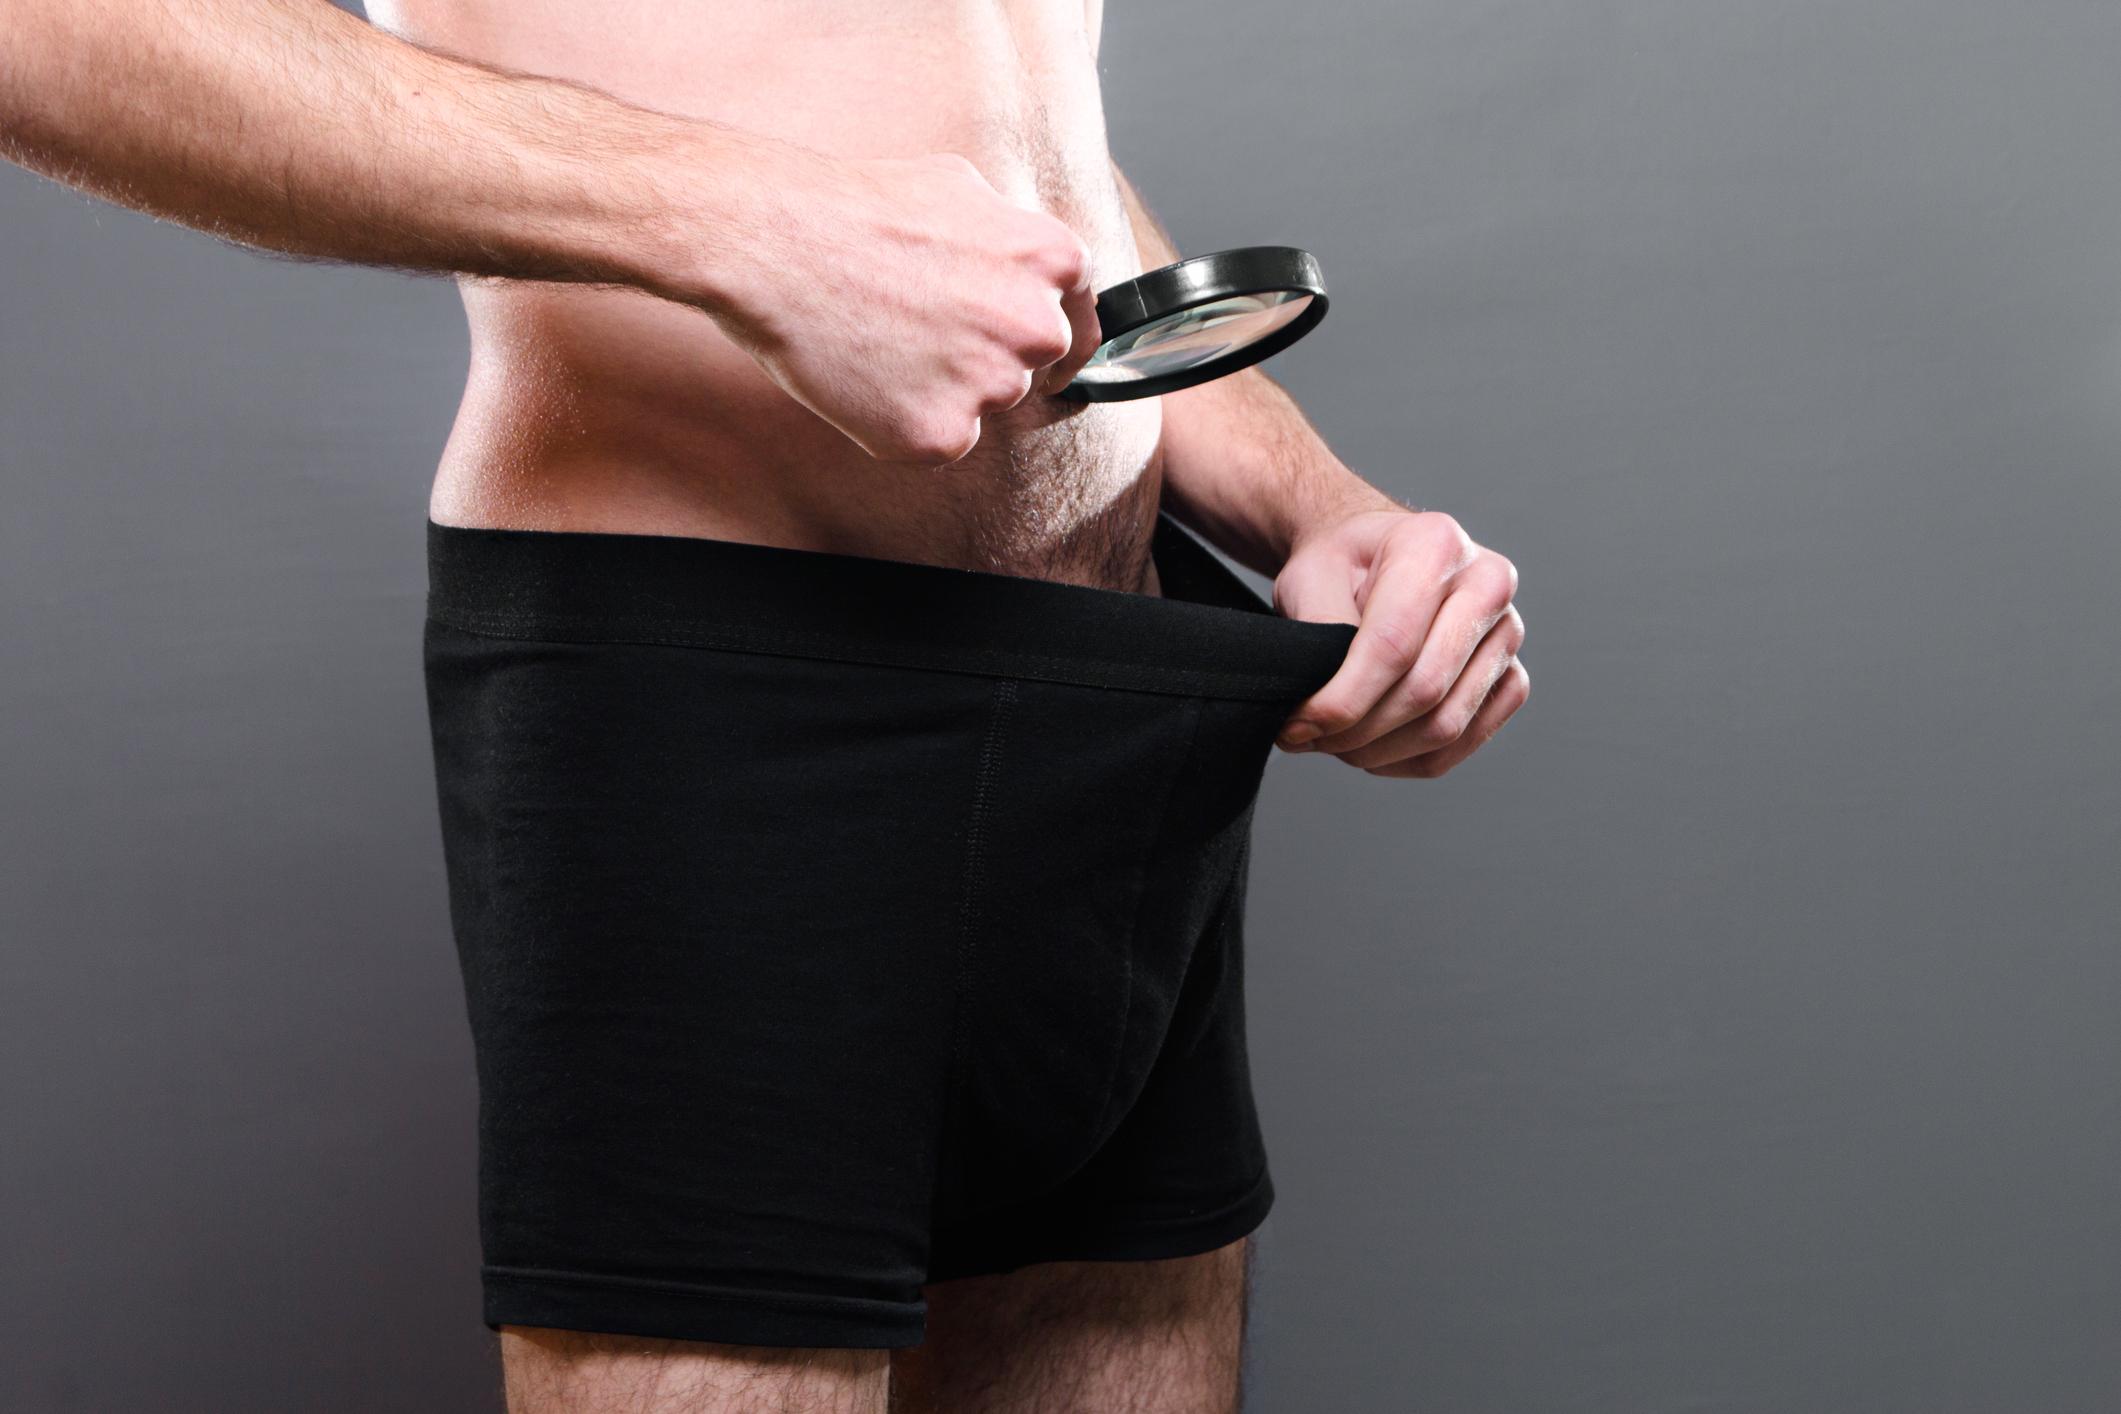 mitől zsibbad a pénisz az erekciós szög normális